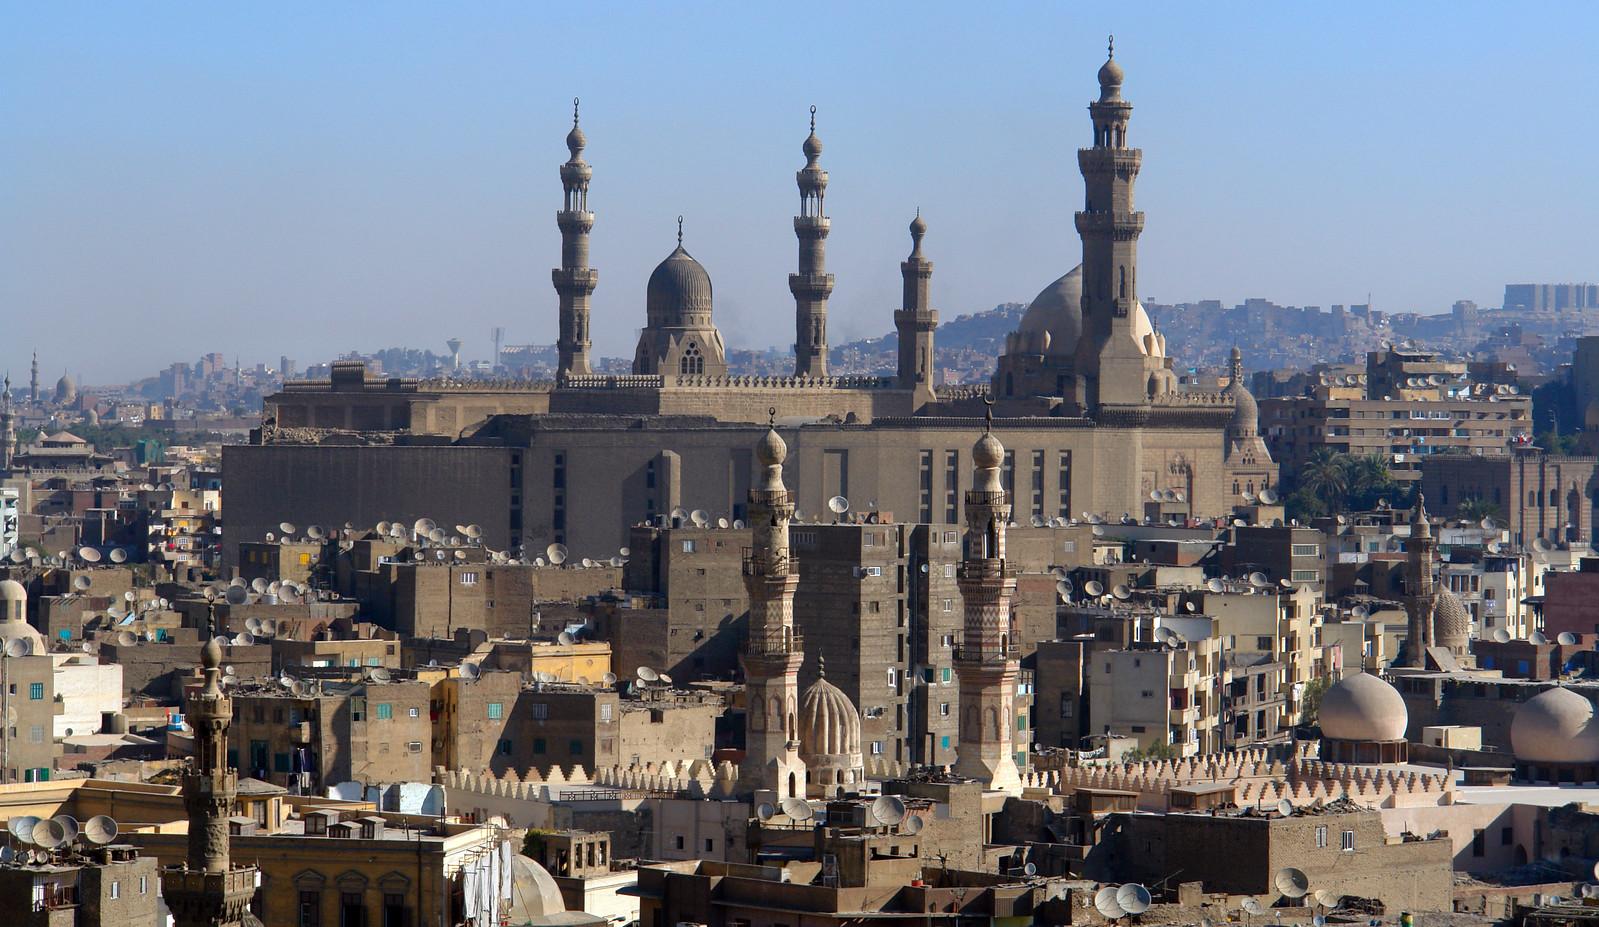 Qué ver en El Cairo, Egipto lugares que visitar en el cairo - 40100574345 65d41203f5 h - 10+1 lugares que visitar en El Cairo